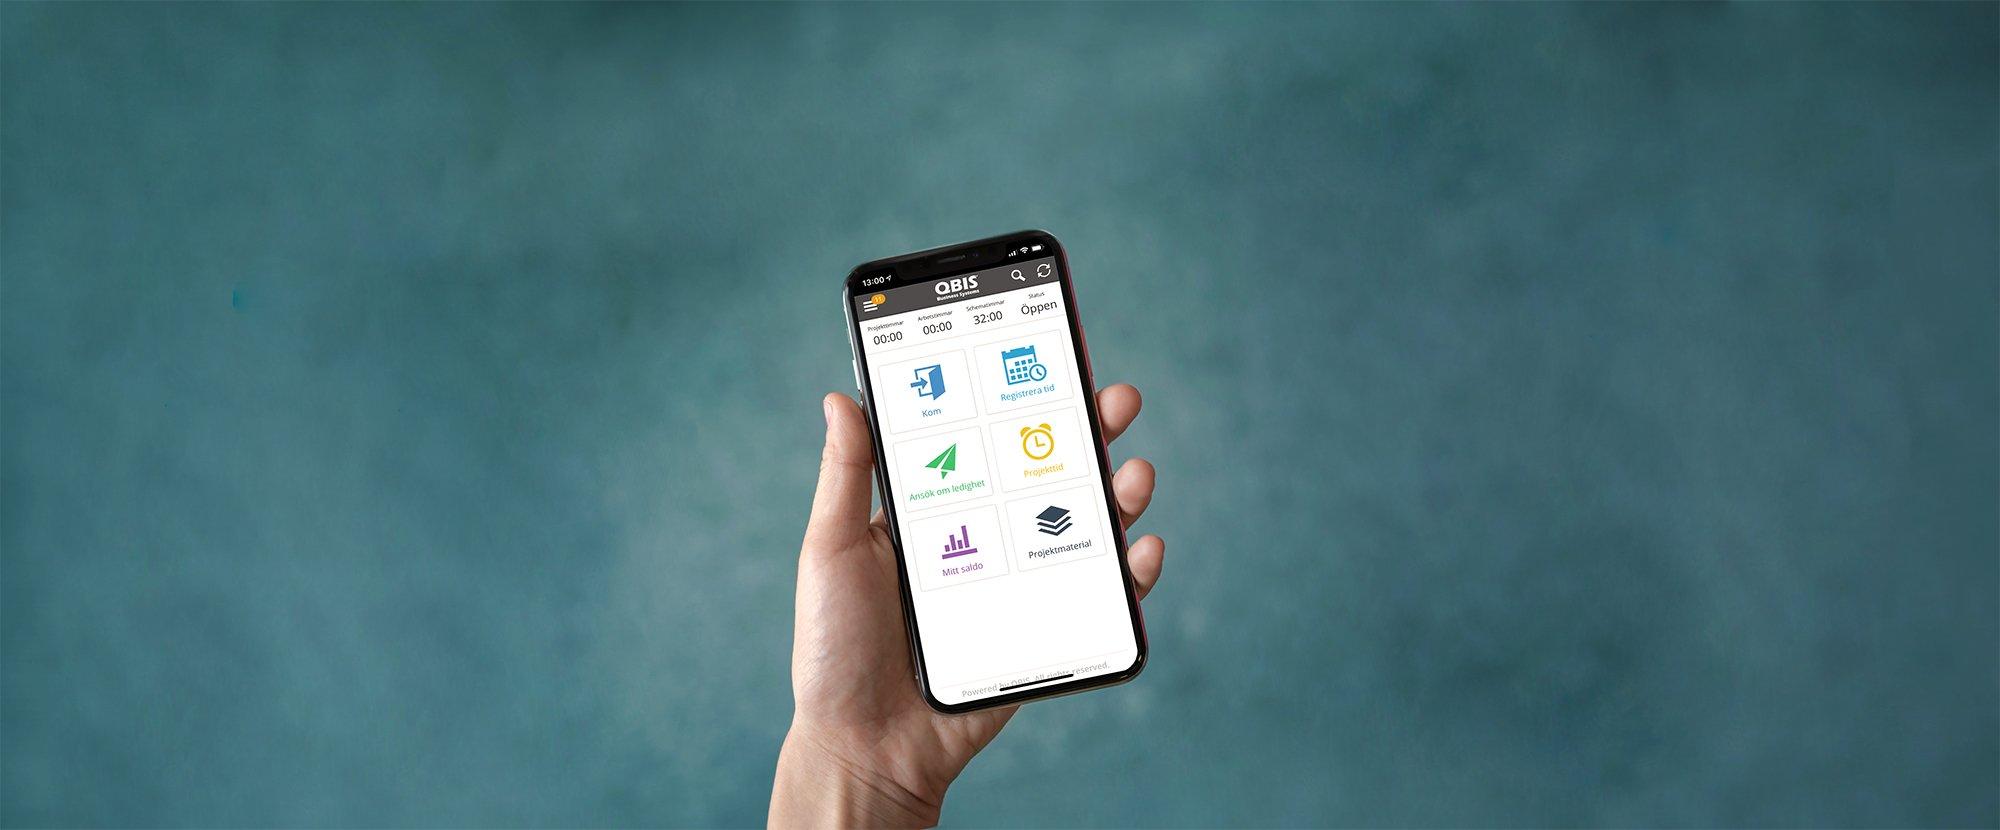 Lansering: Nytt mobilt gränssnitt